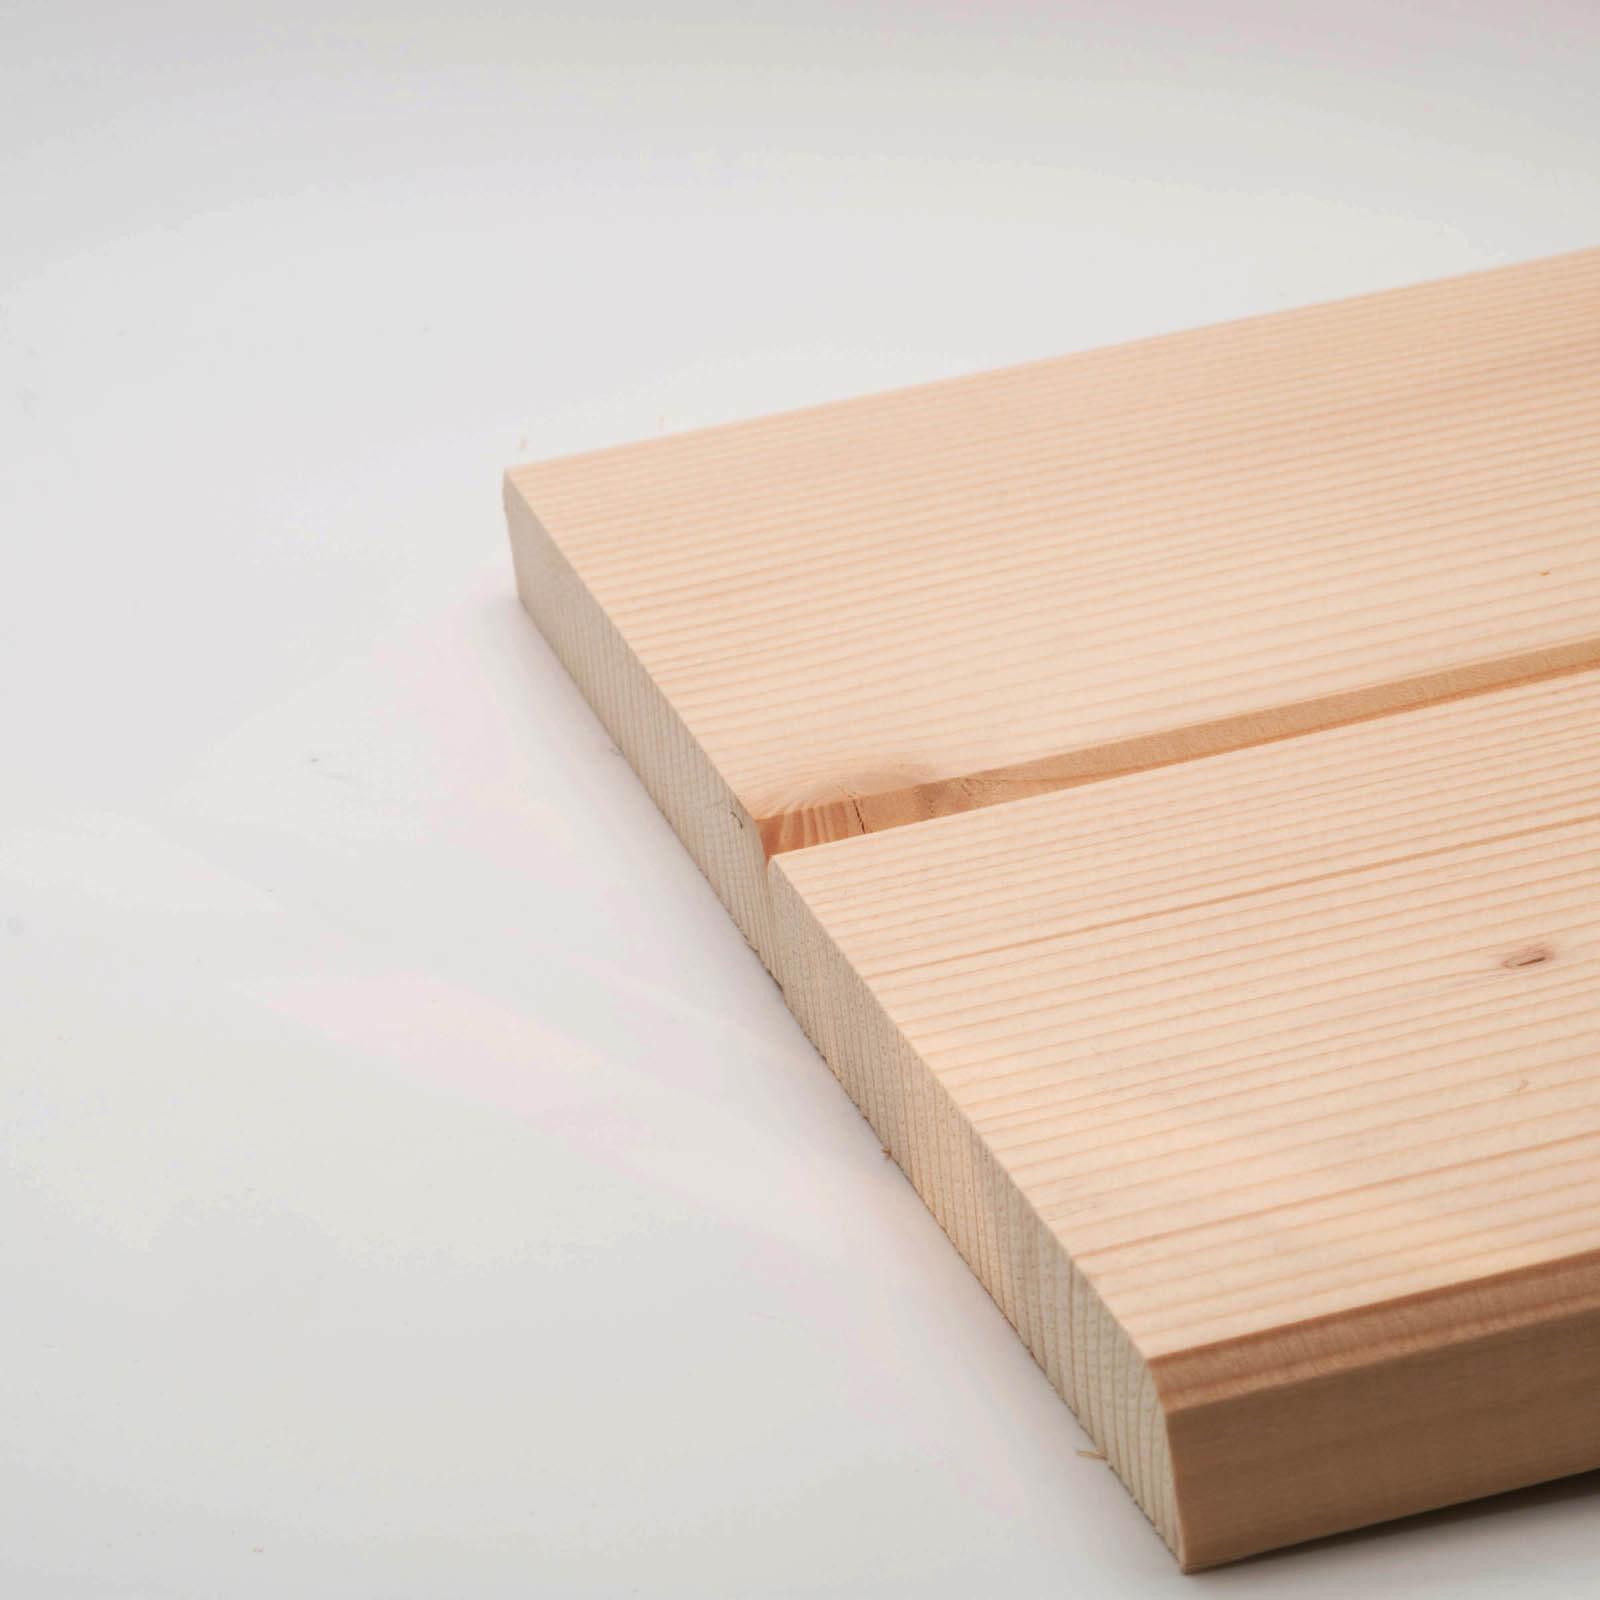 stiristransko-hoblane-deske-smreka-krancic-06